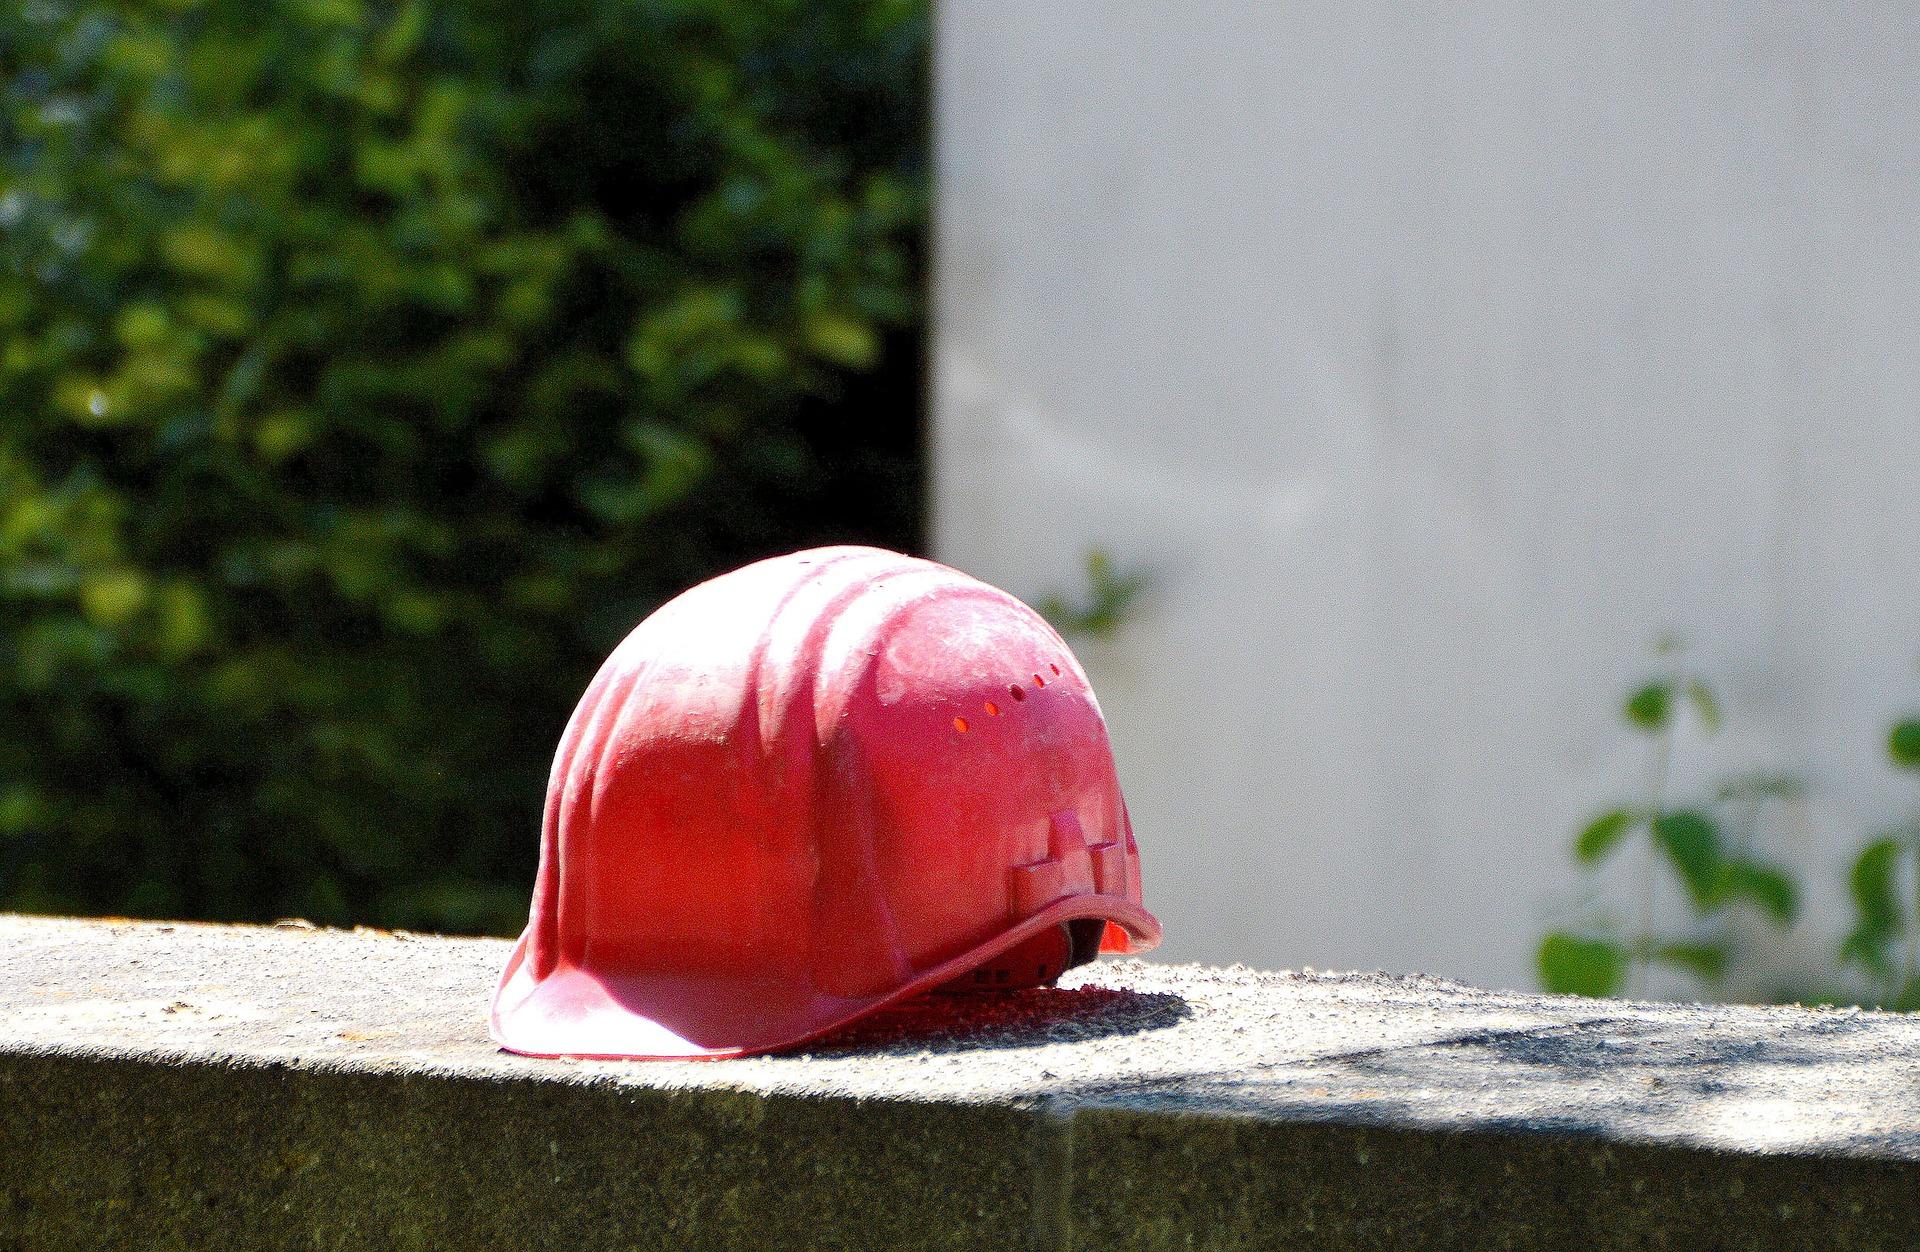 Sospensione cantieri emergenza Covid19: cosa c'è da sapere